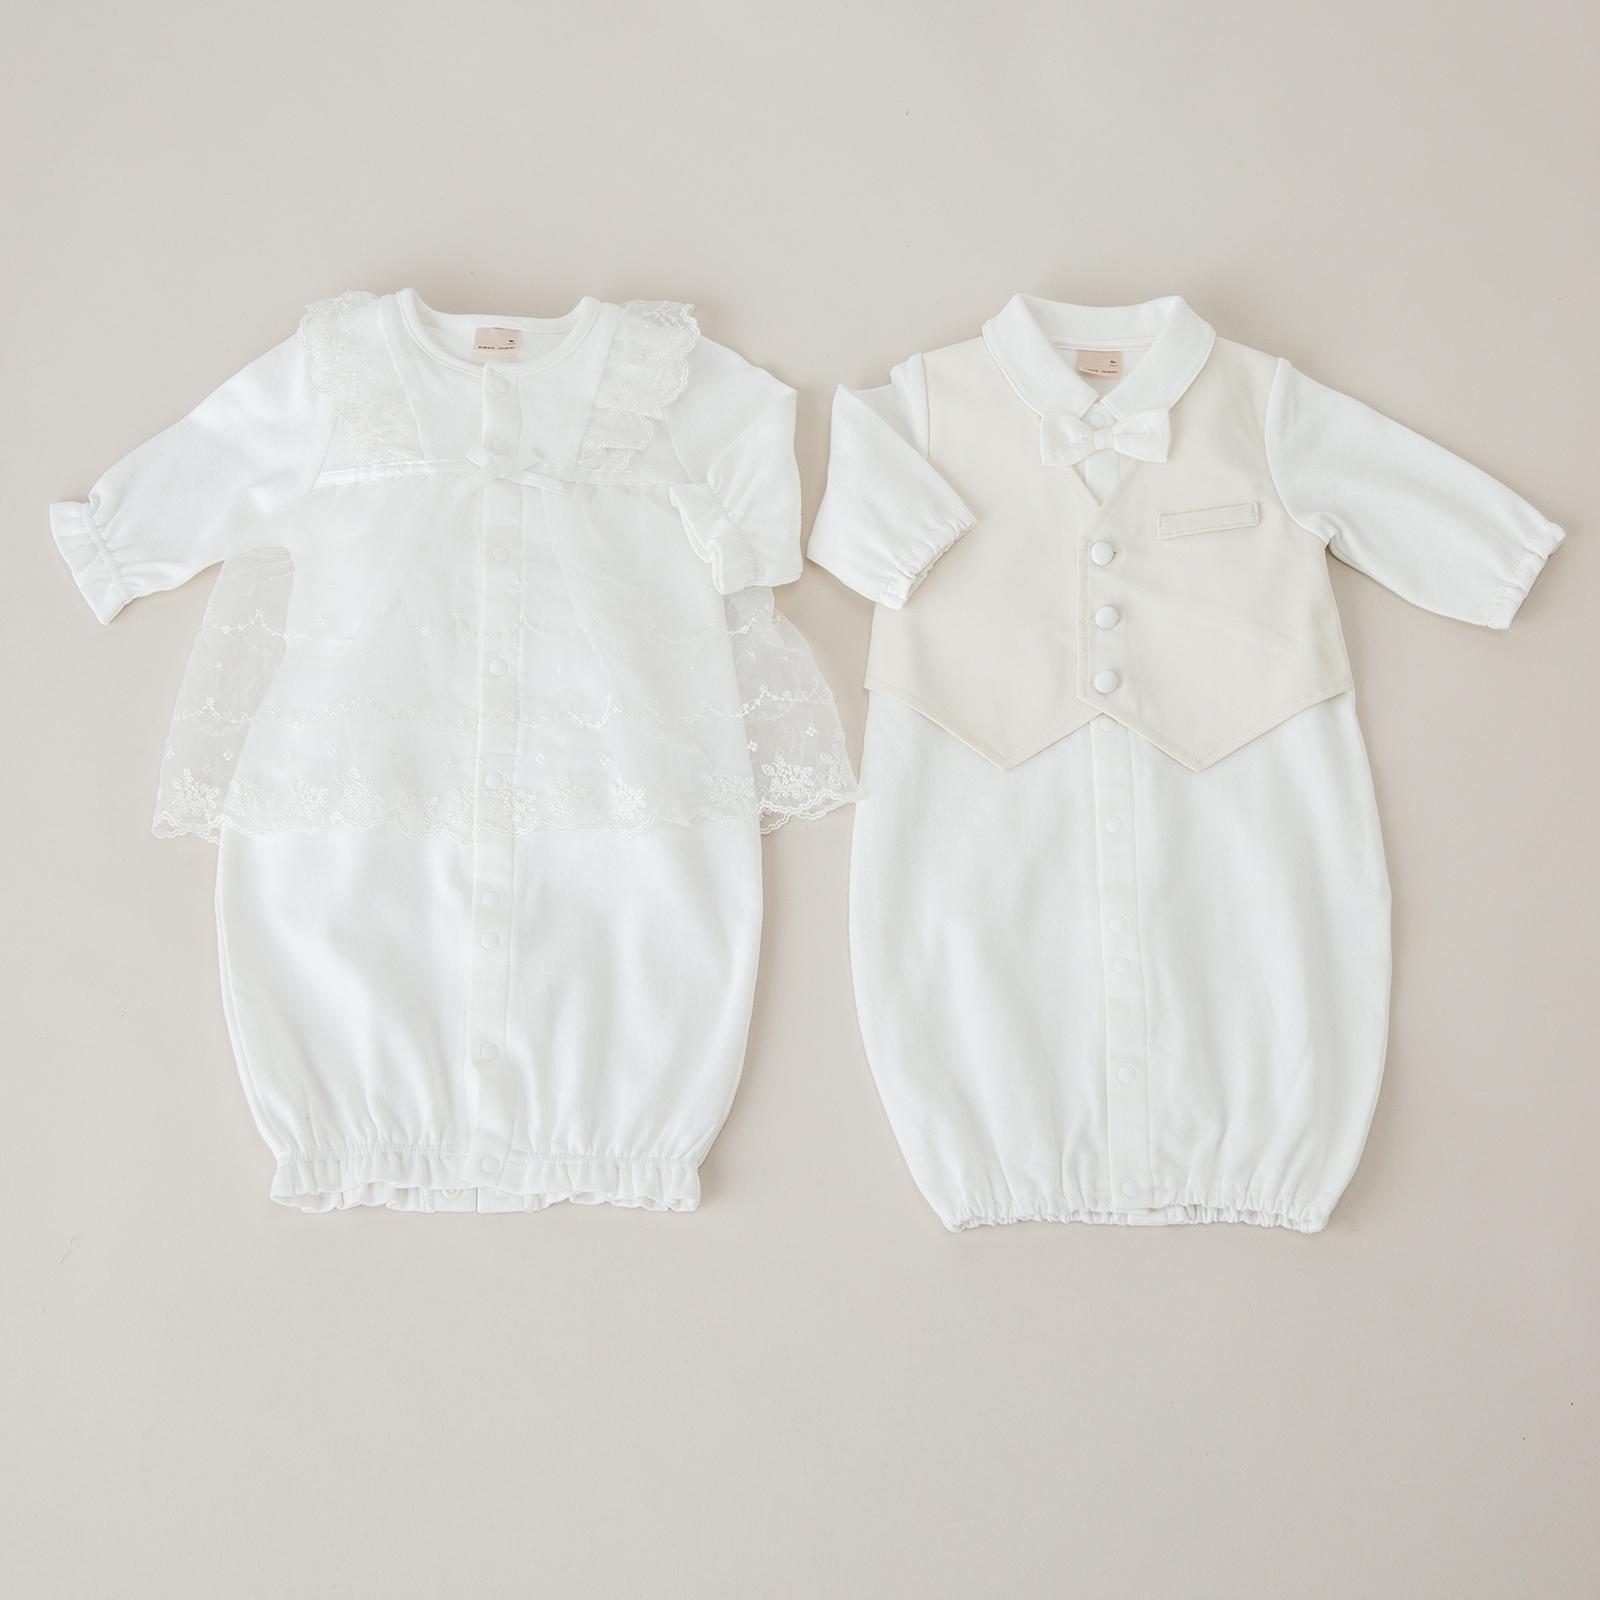 男の子 服 新生児 退院